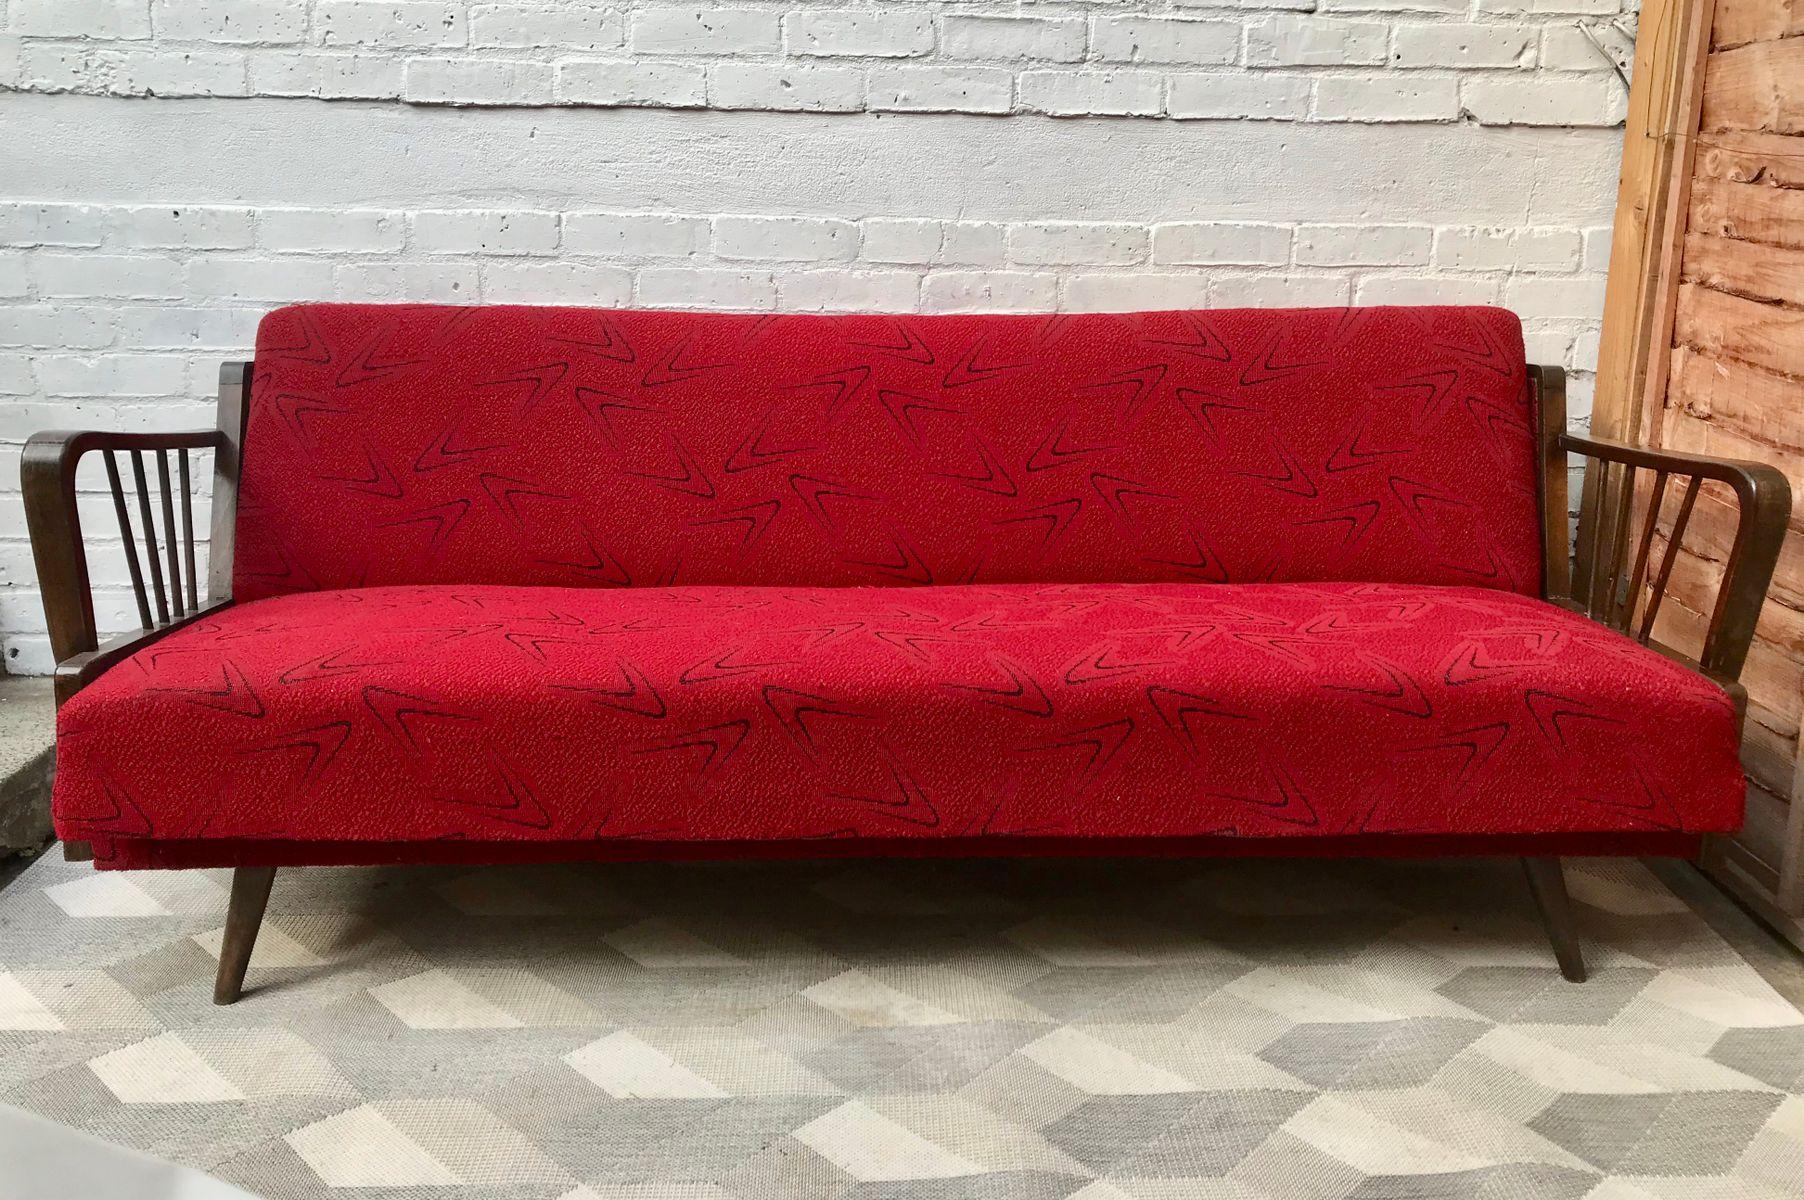 Divano letto vintage rosso, Francia in vendita su Pamono